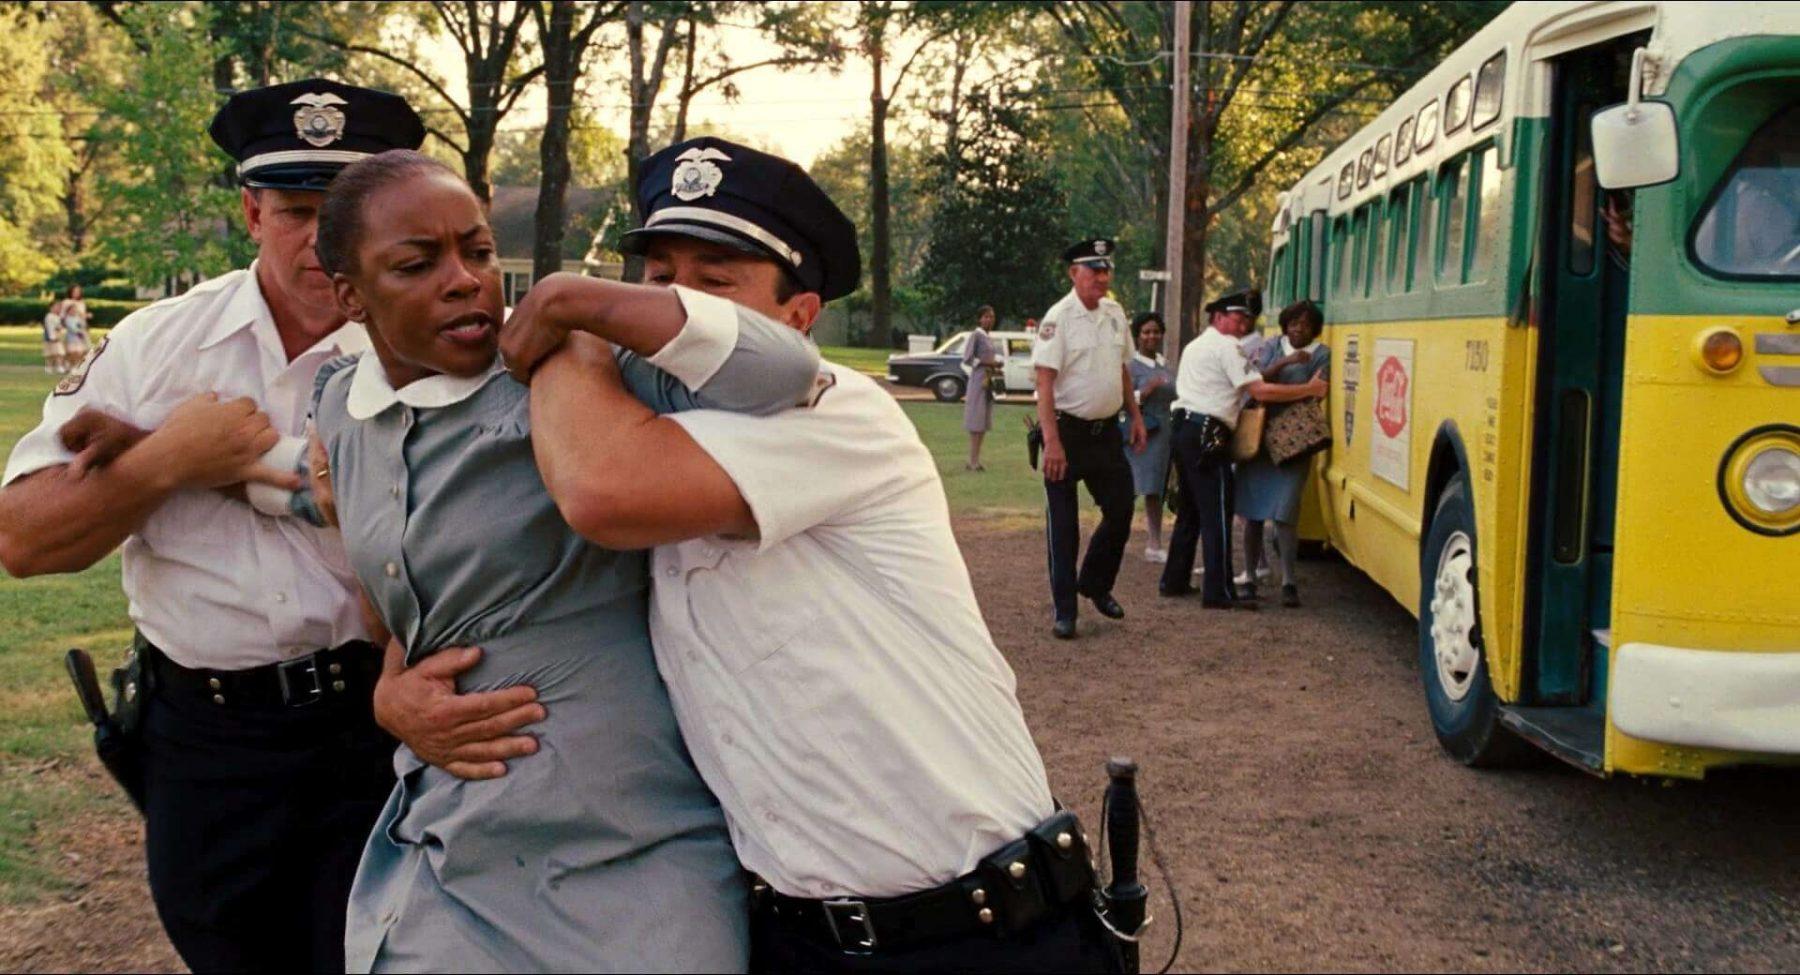 I migliori film sulla lotta per i diritti civili: Una scena di